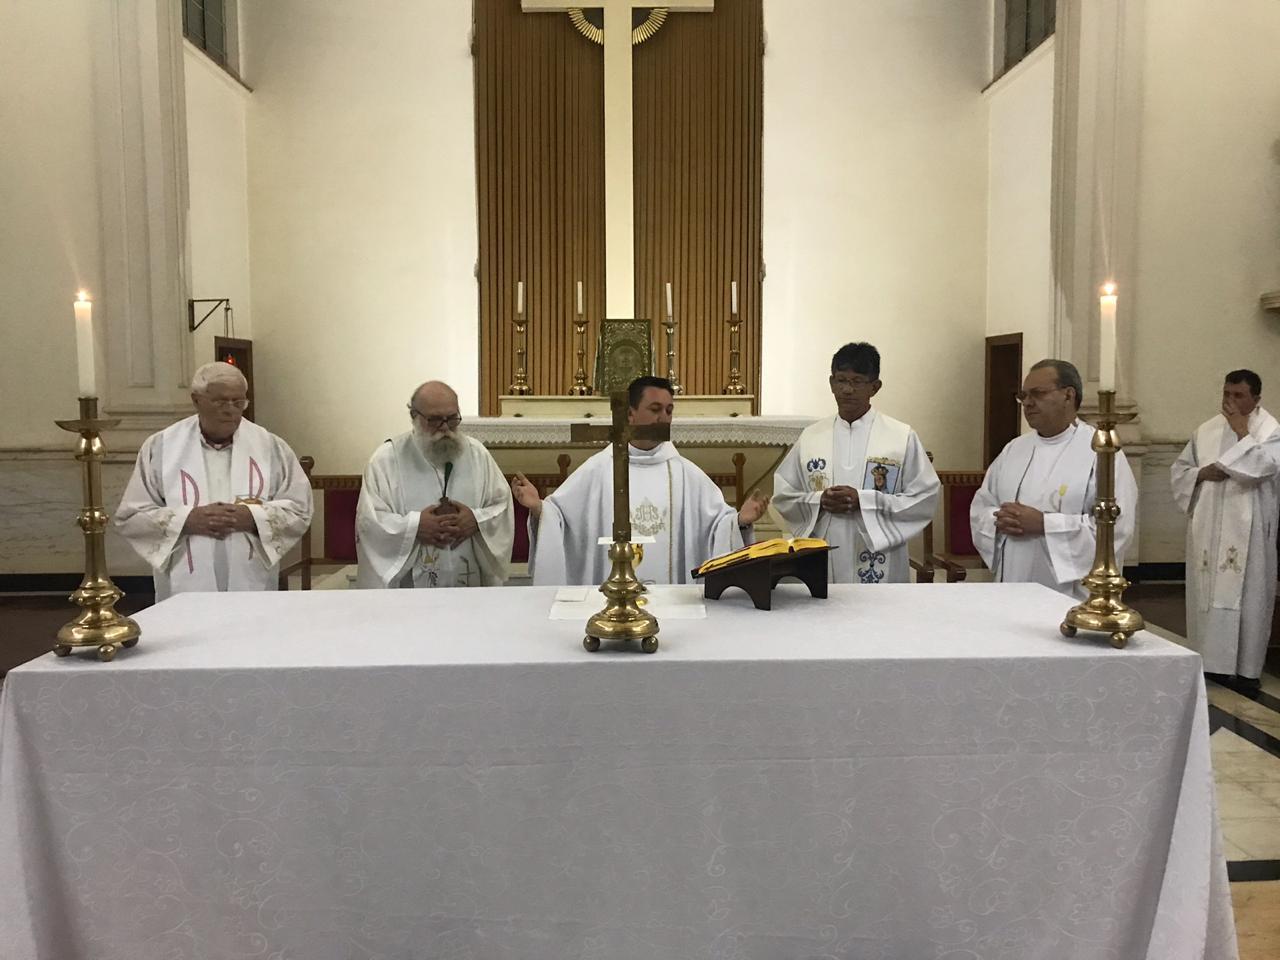 Padres elegem novos coordenadores regionais e do clero